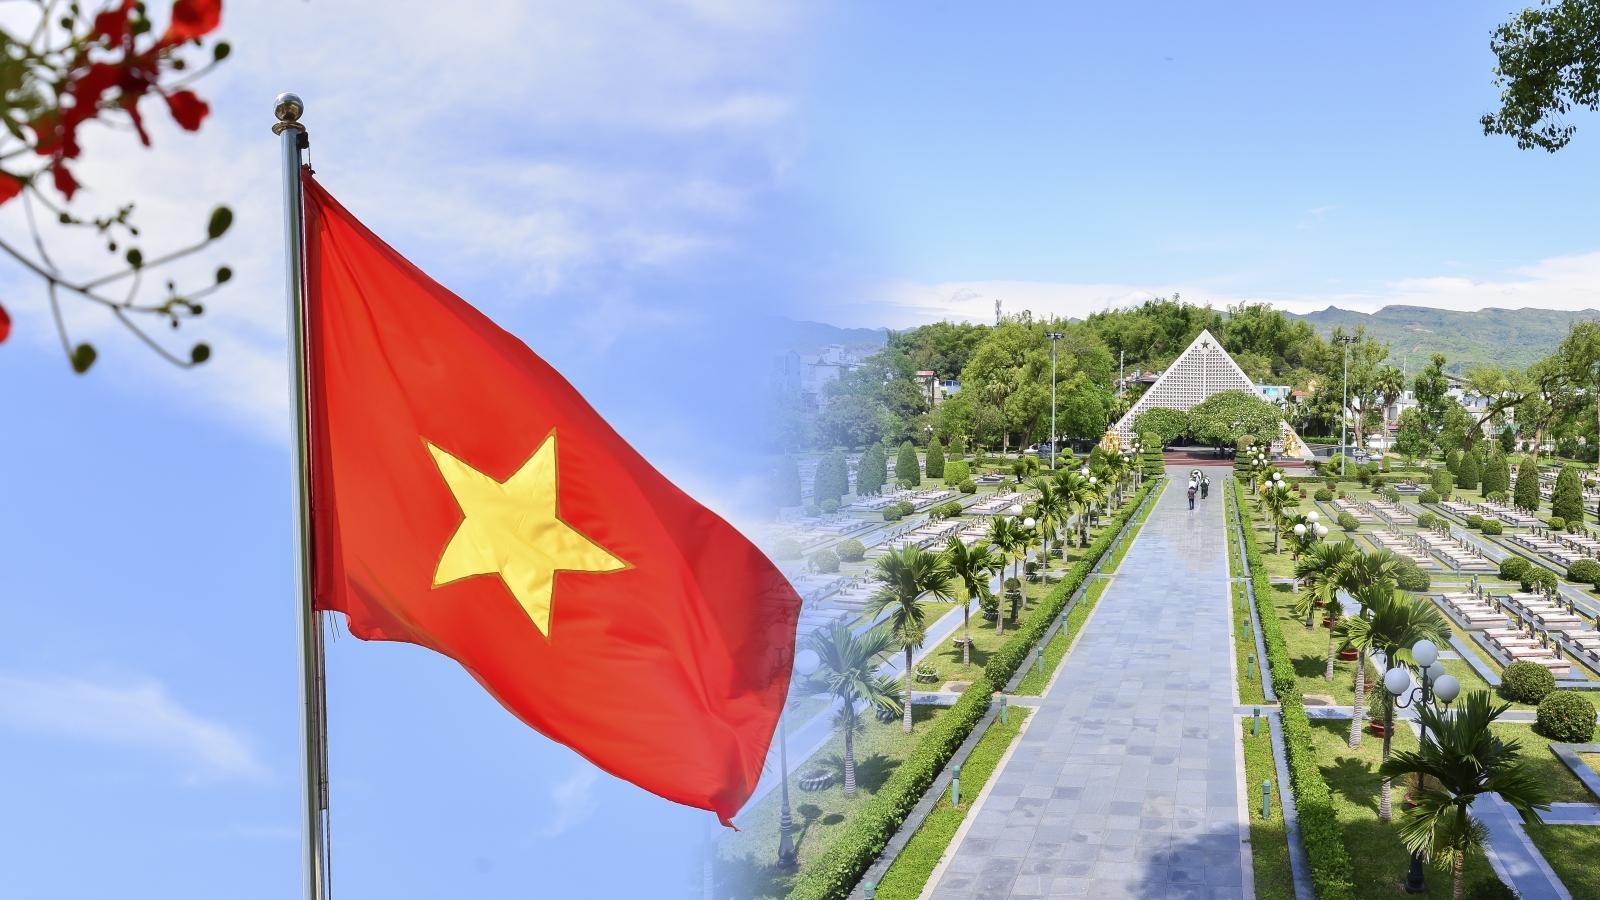 Bồi hồi tháng 5 trên mảnh đất lịch sử Điện Biên Phủ